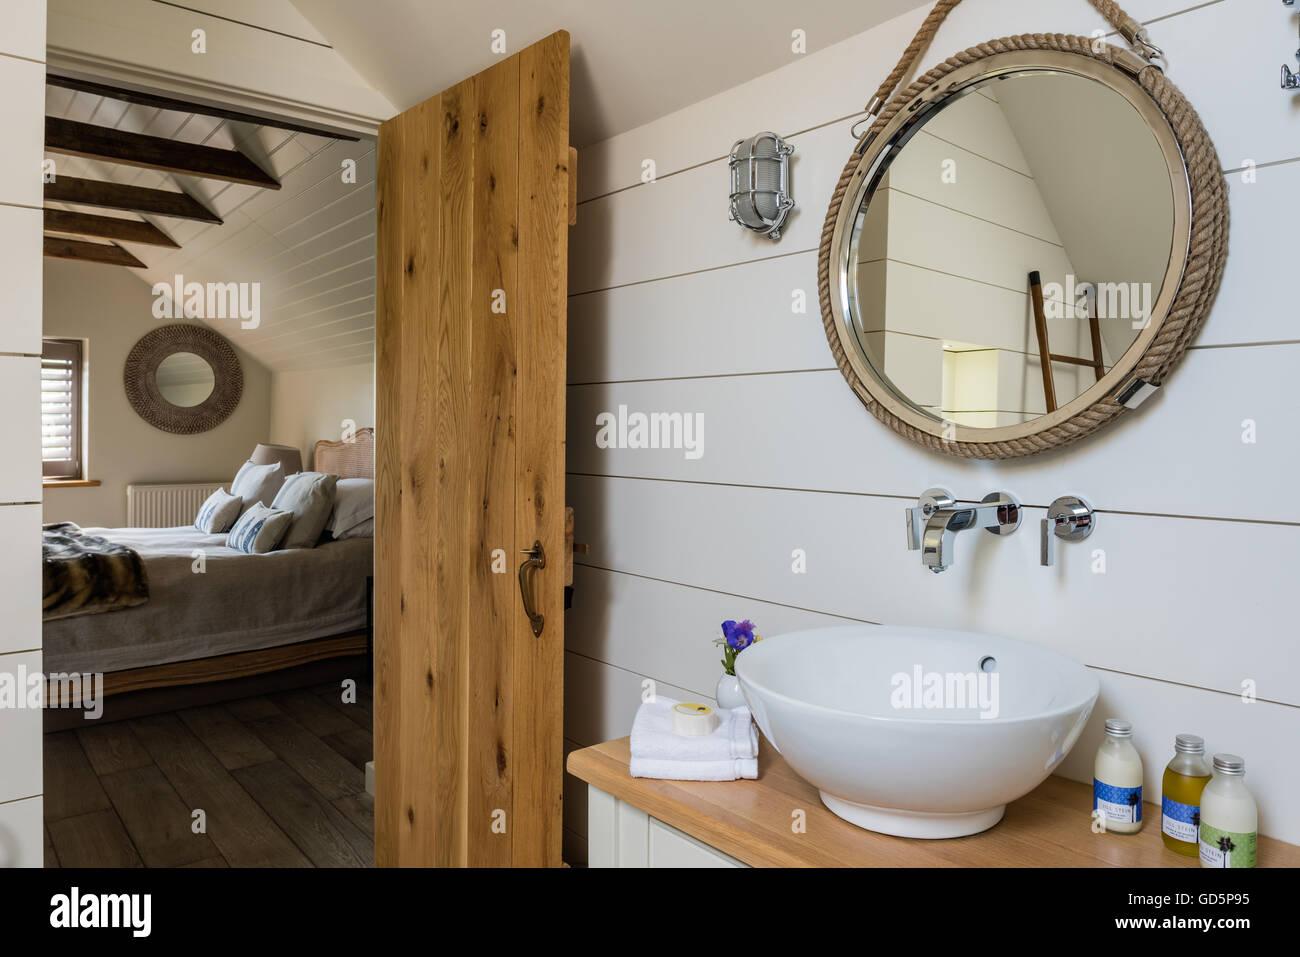 Malte weiß Holzbohlen und nautischen Stil Spiegel im Bad Stockfoto ...